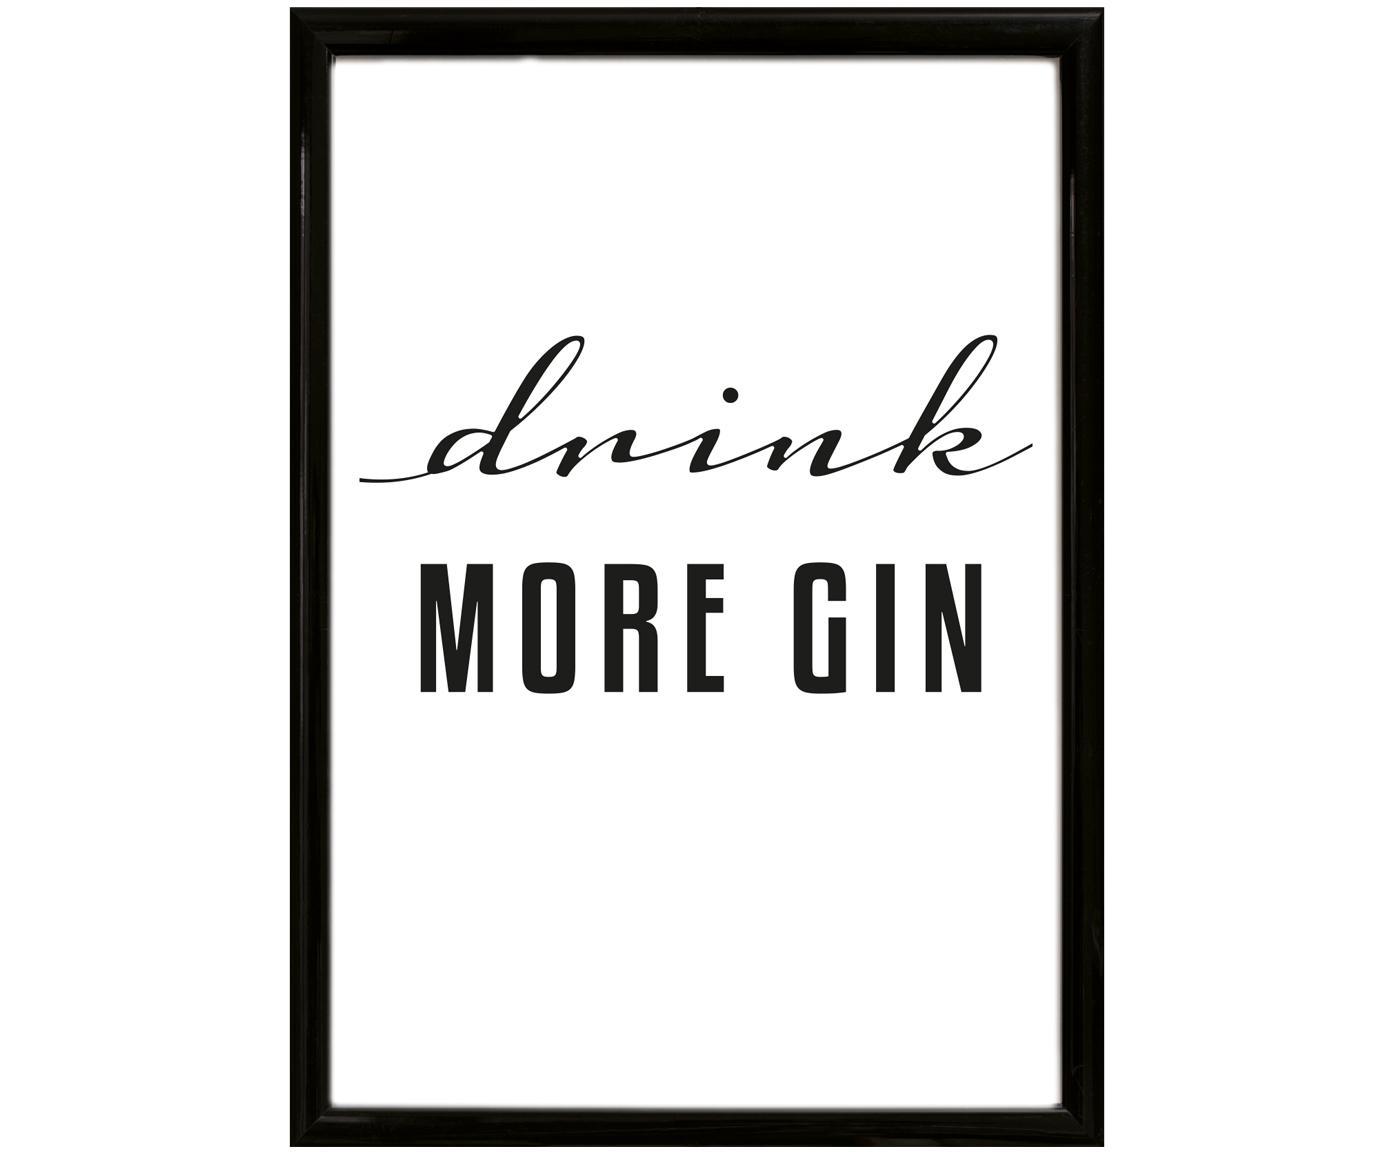 Gerahmter Digitaldruck Drink More Gin, Bild: Digitaldruck, Rahmen: Echtholzrahmen mit Acrylg, Bild: Schwarz, Weiß<br>Rahmen: Schwarz, 30 x 40 cm